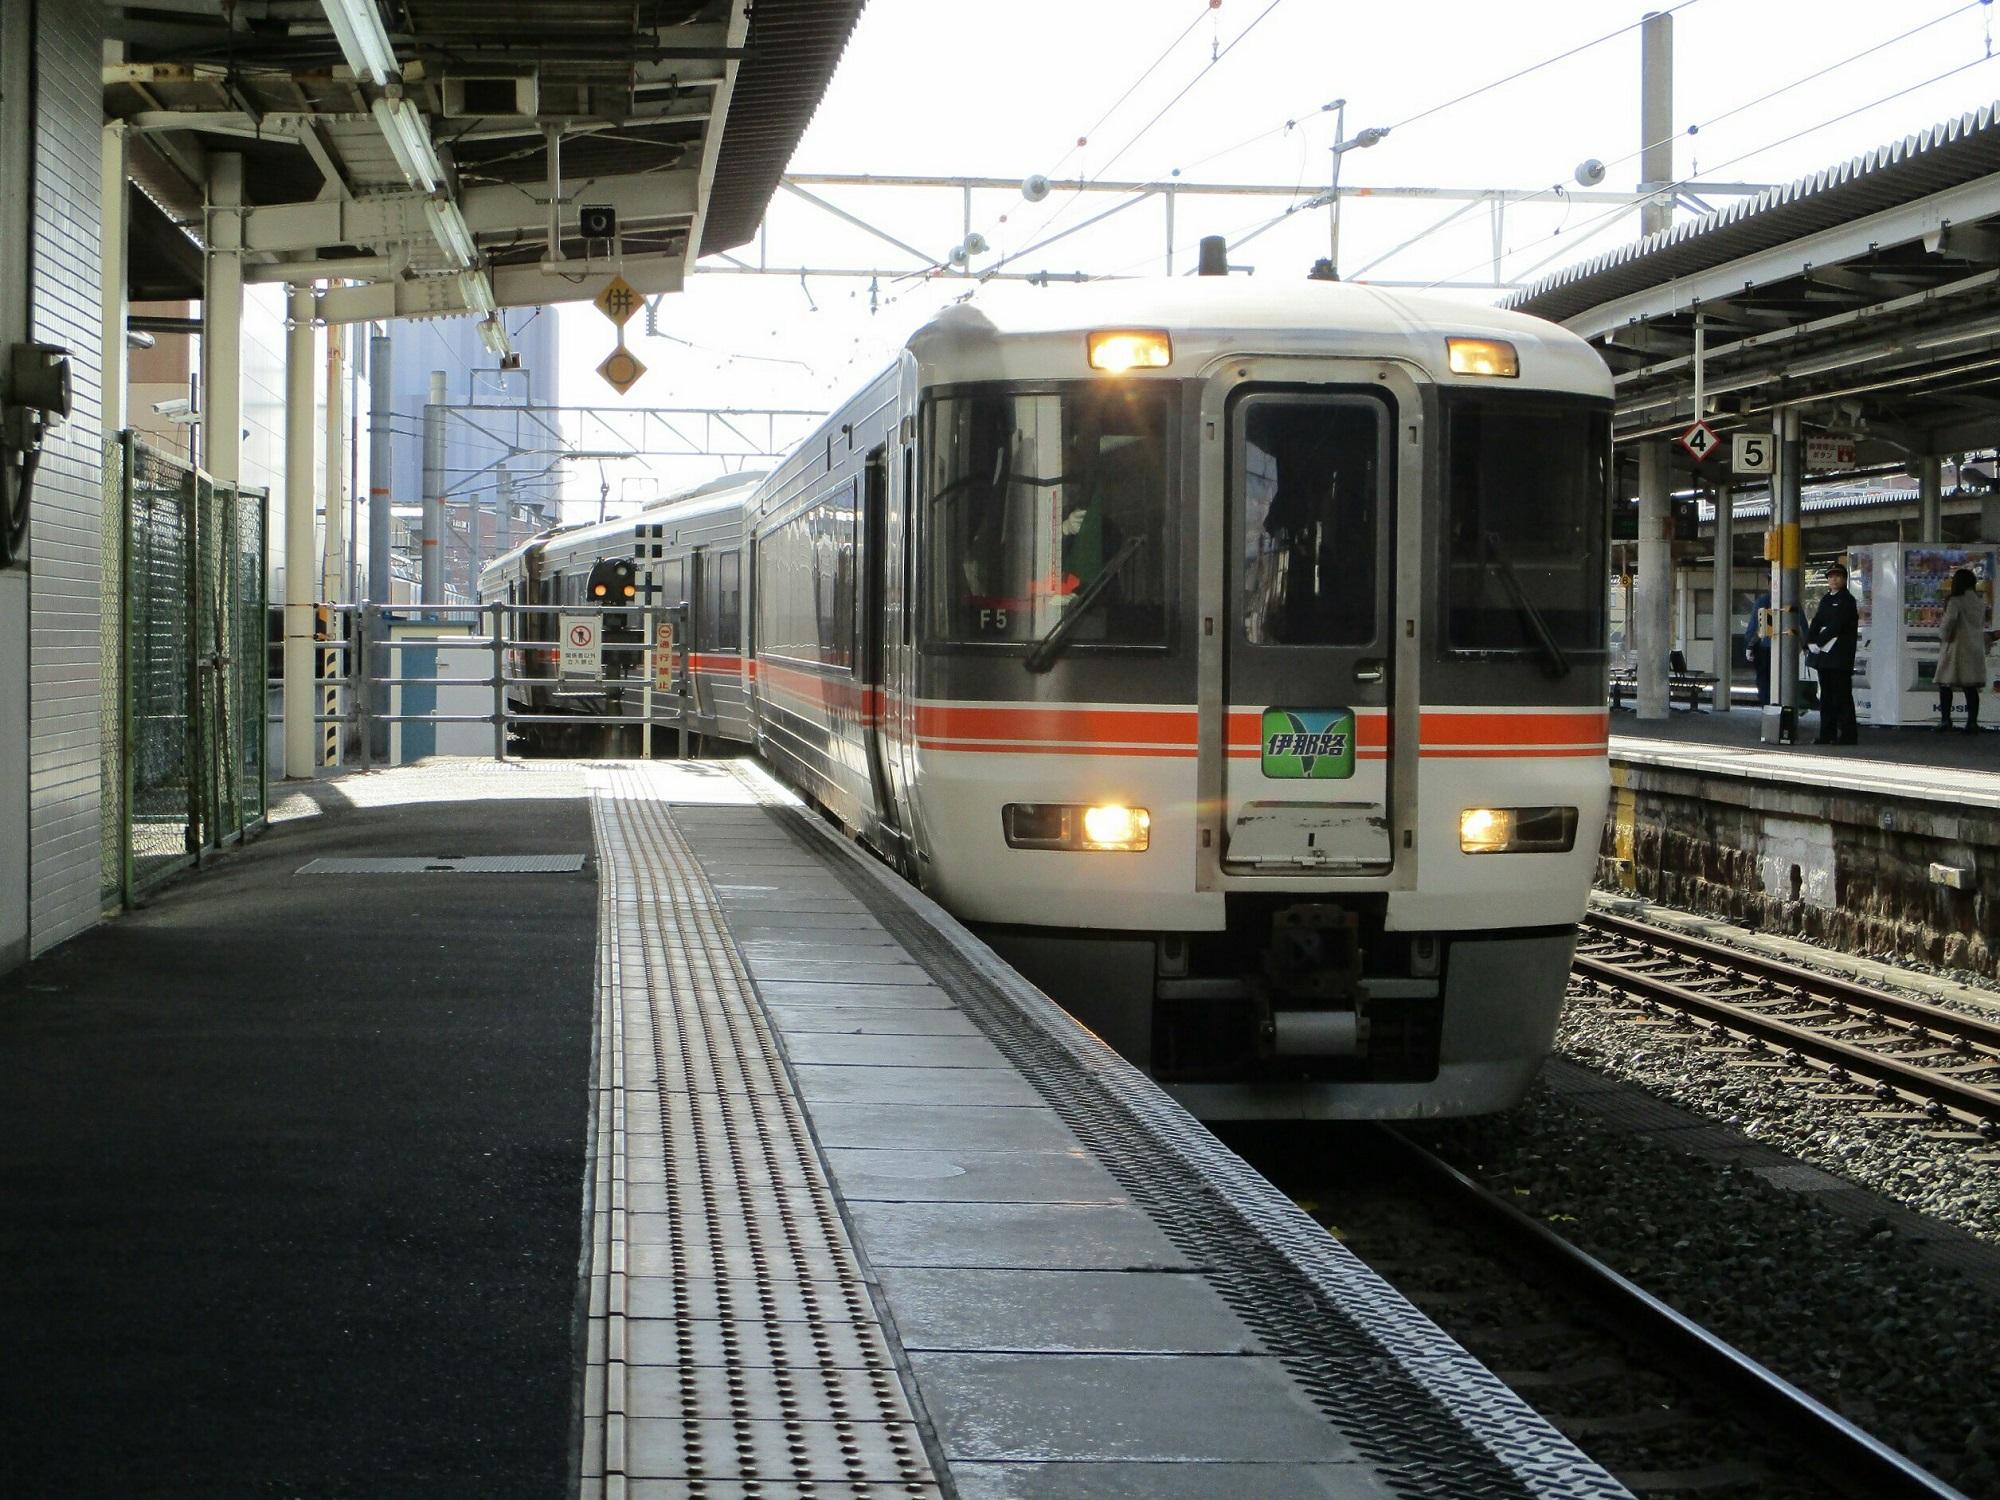 2019.1.24 (2) 豊橋 - 飯田いき特急伊那路 2000-1500